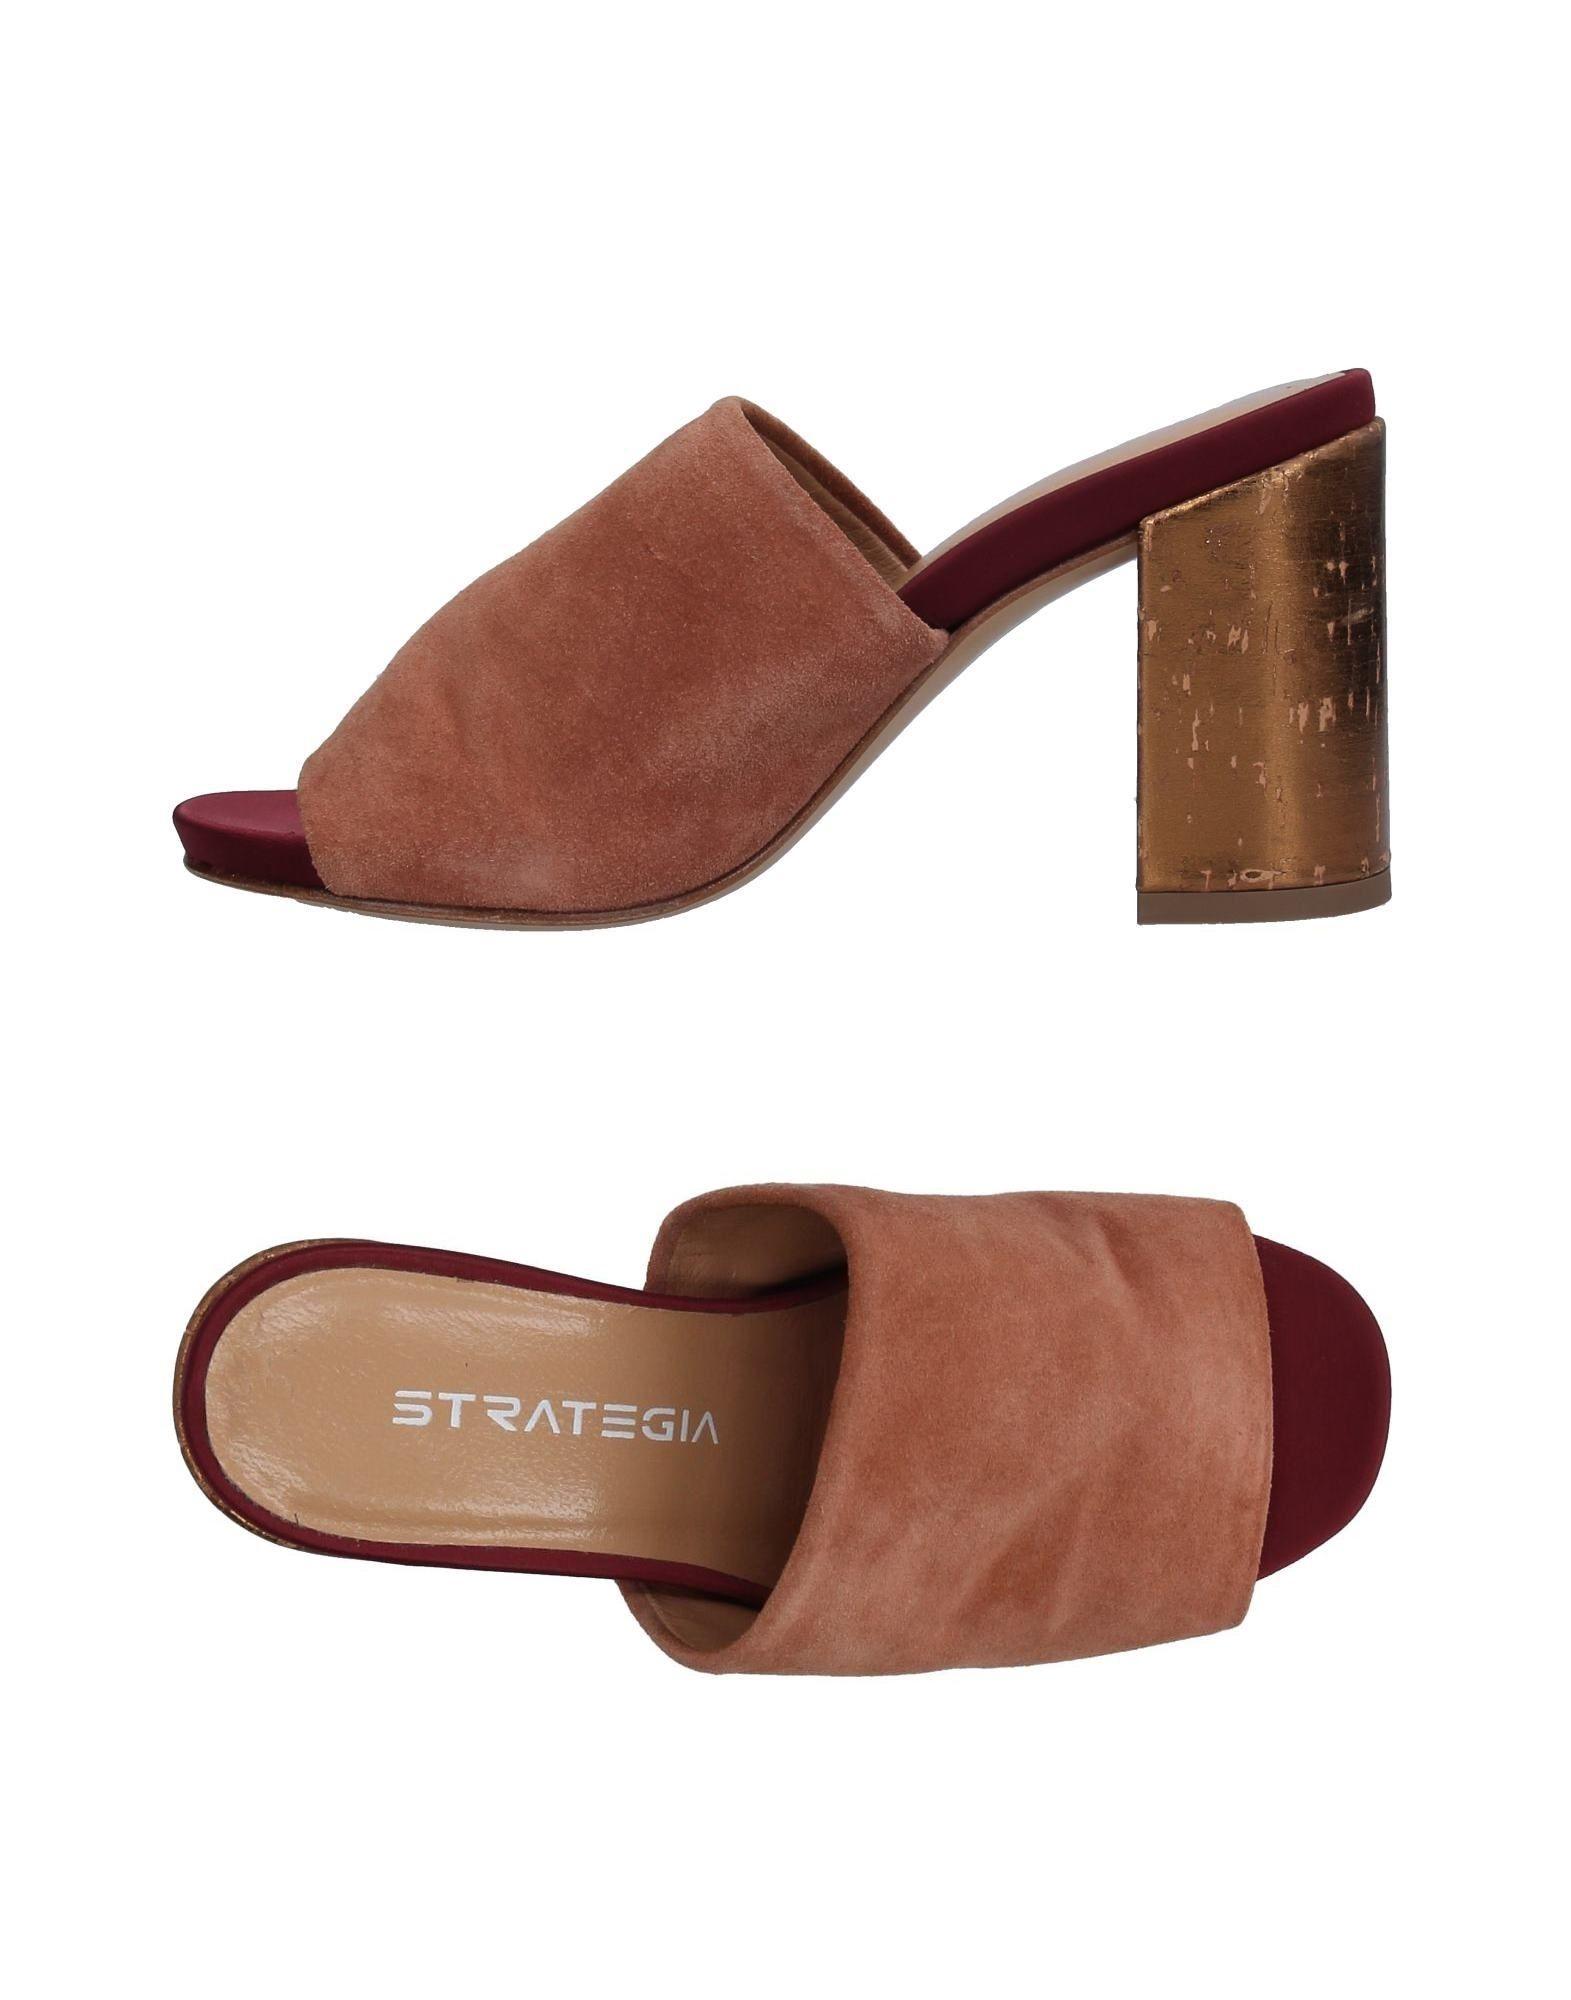 Strategia Sandalen Damen  11340808LM Gute Qualität beliebte Schuhe